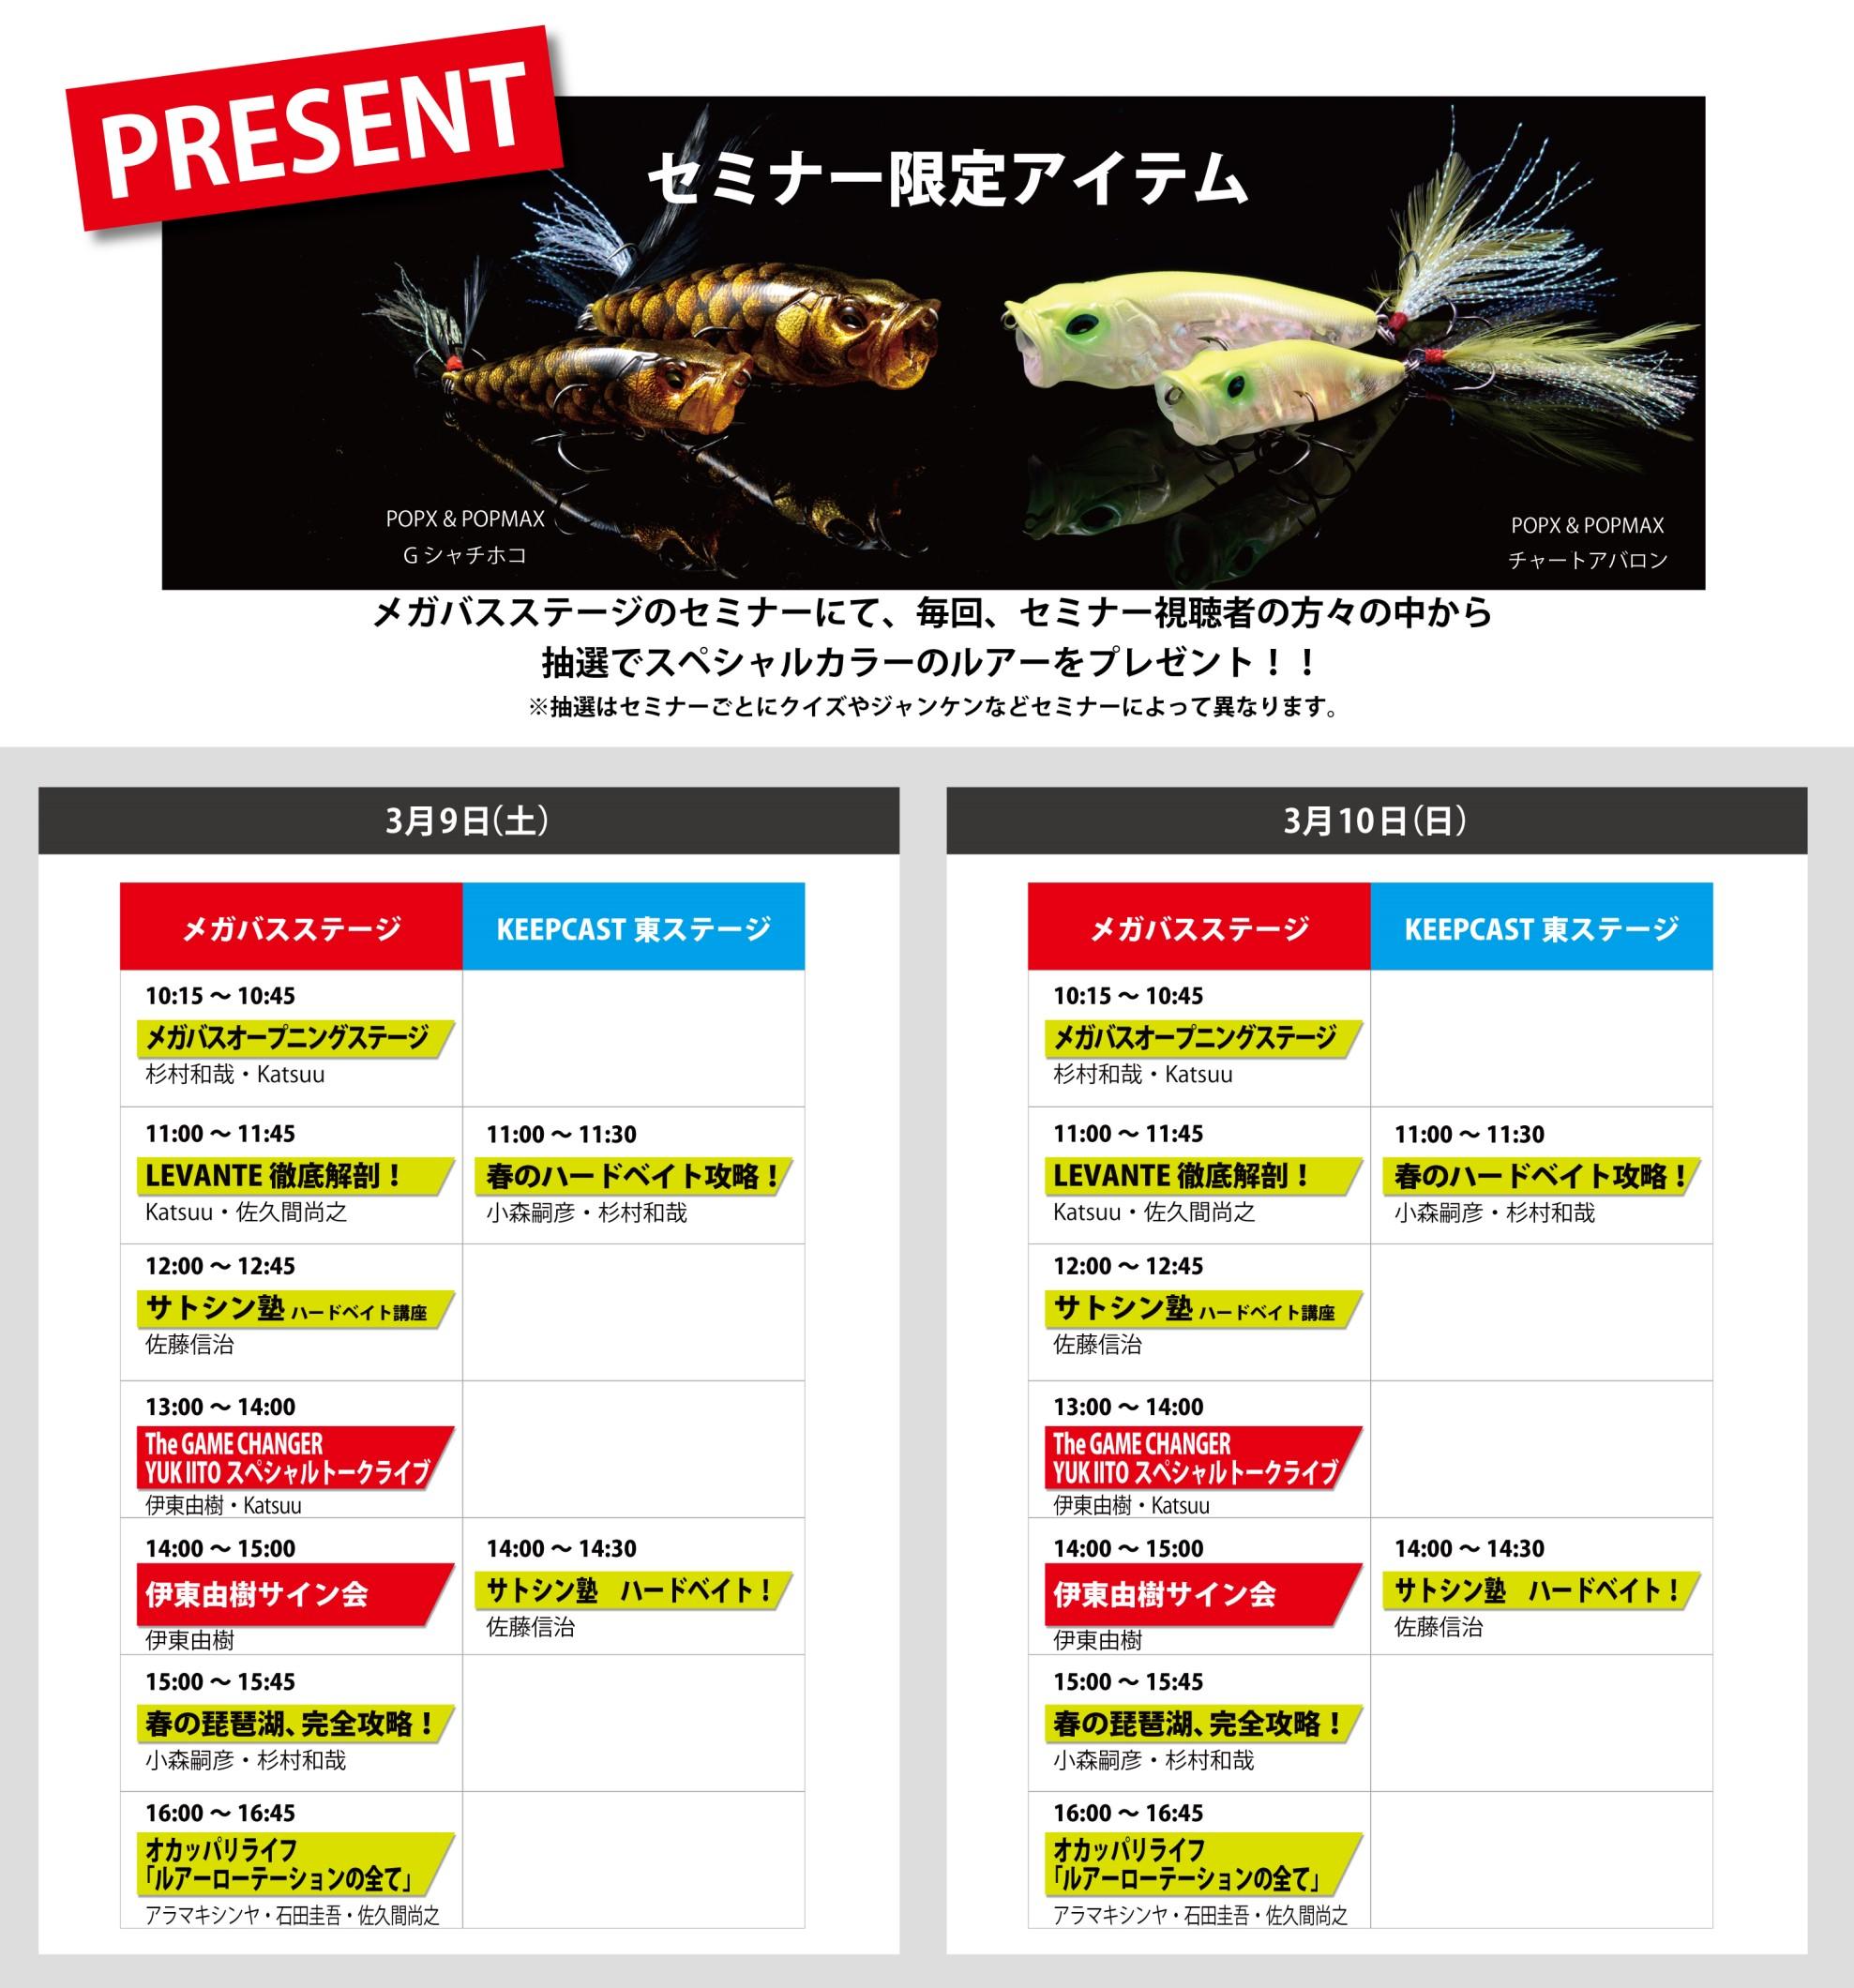 名古屋キープキャスト2019